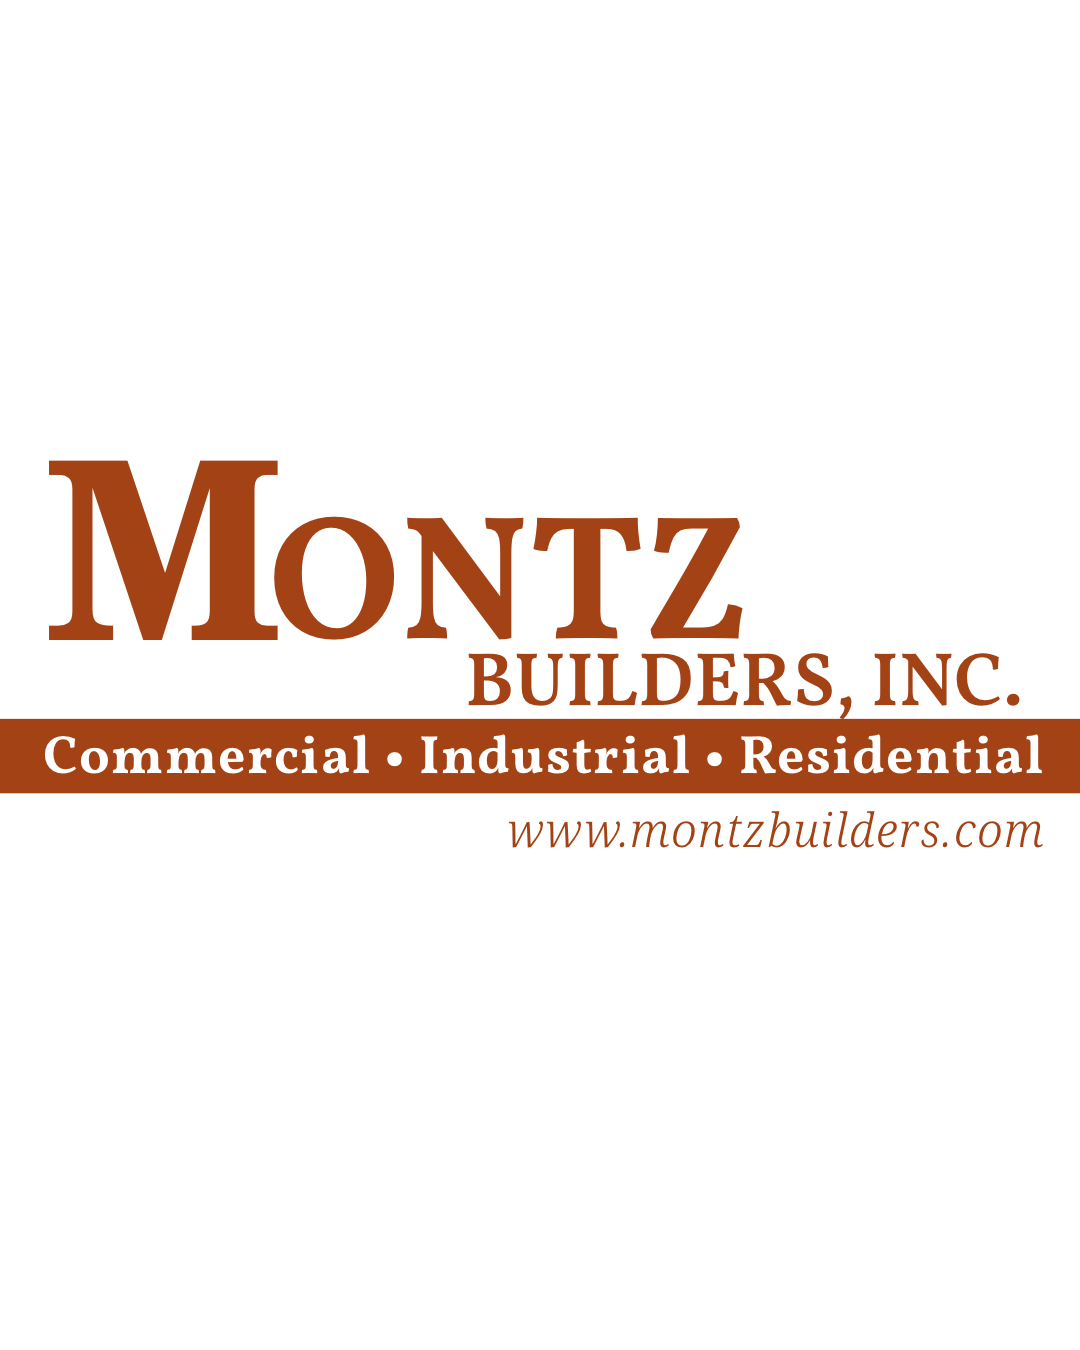 Montz Builders